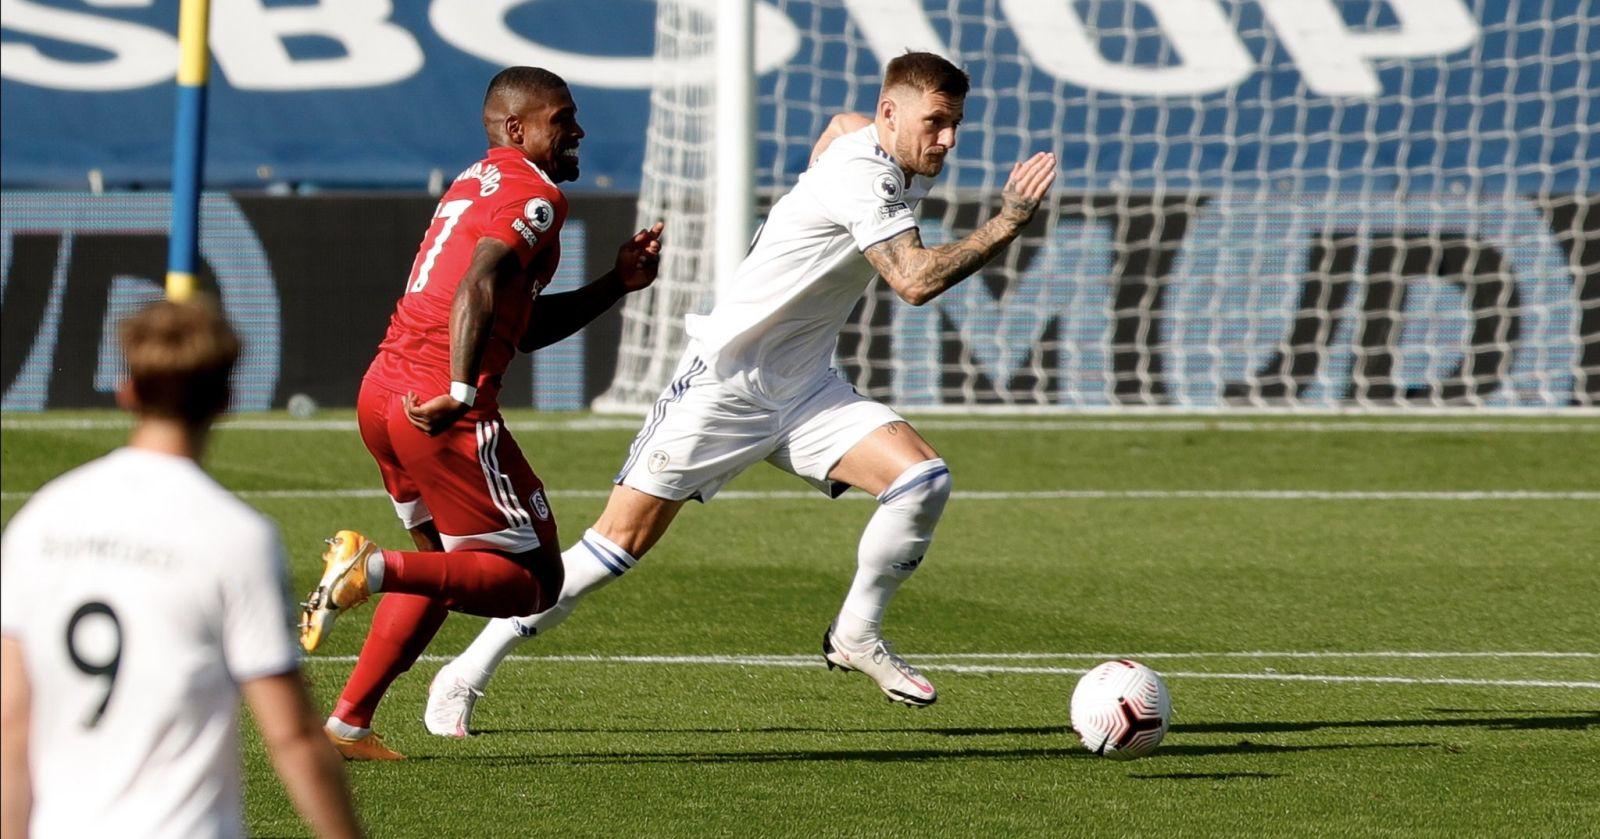 Leeds de Bielsa vence a Fulham y logra primer triunfo en su retorno a la Premier